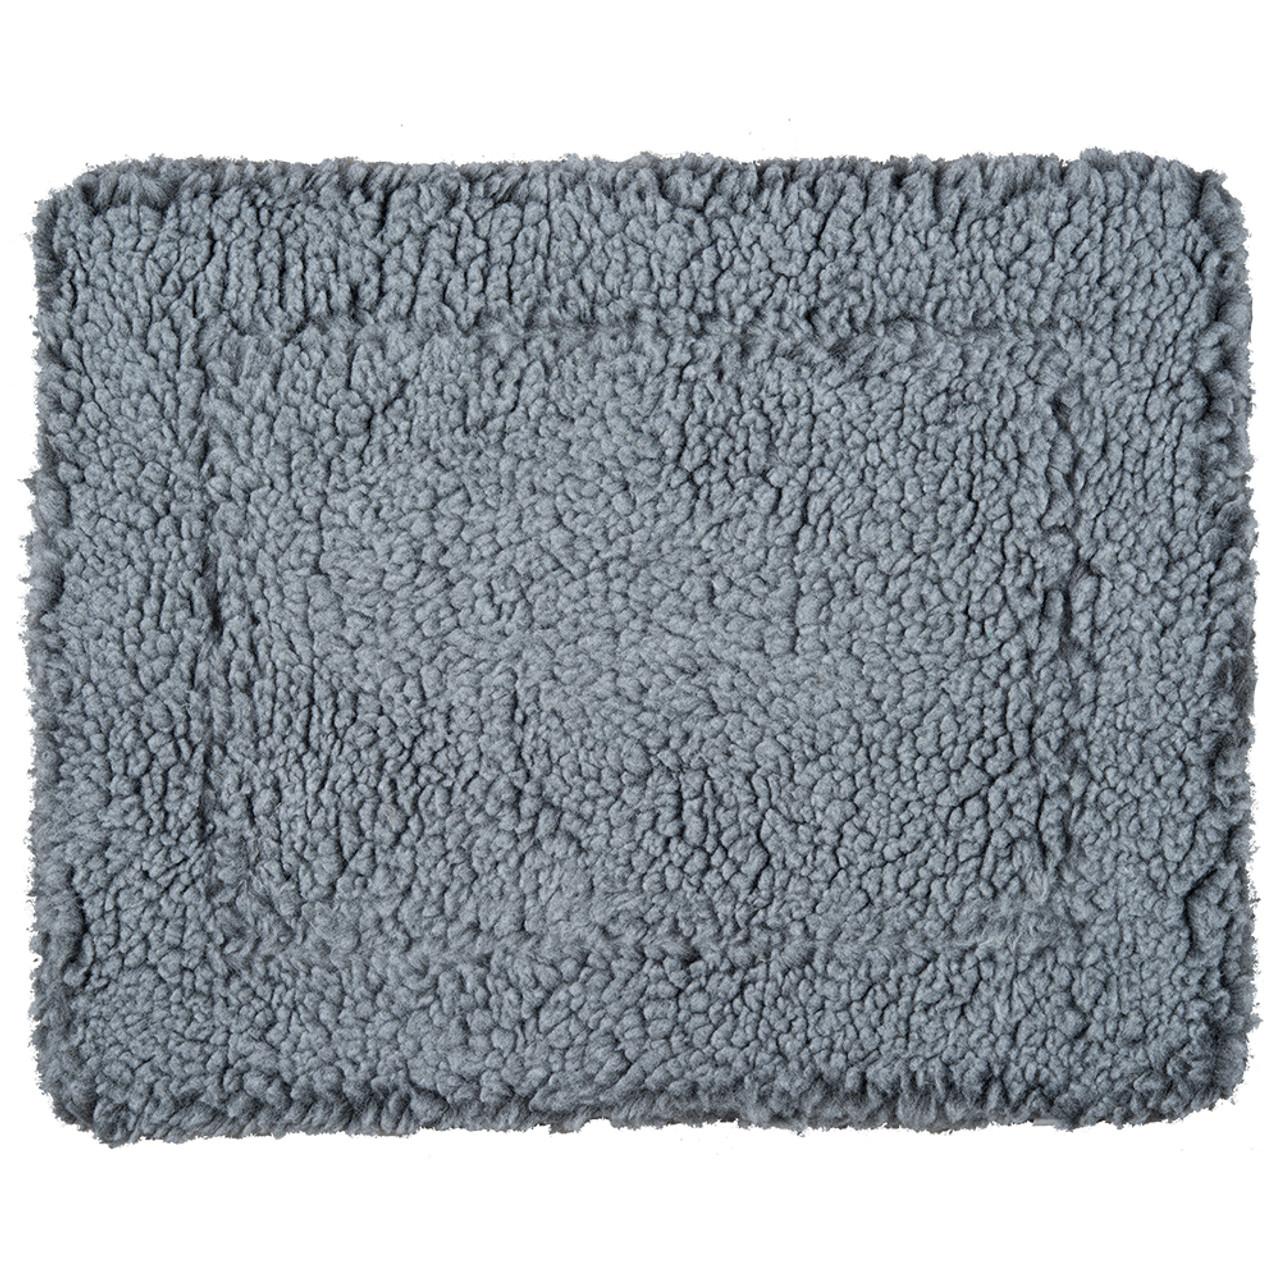 HuggleHounds HuggleFleece Gray Pet Mat - Front